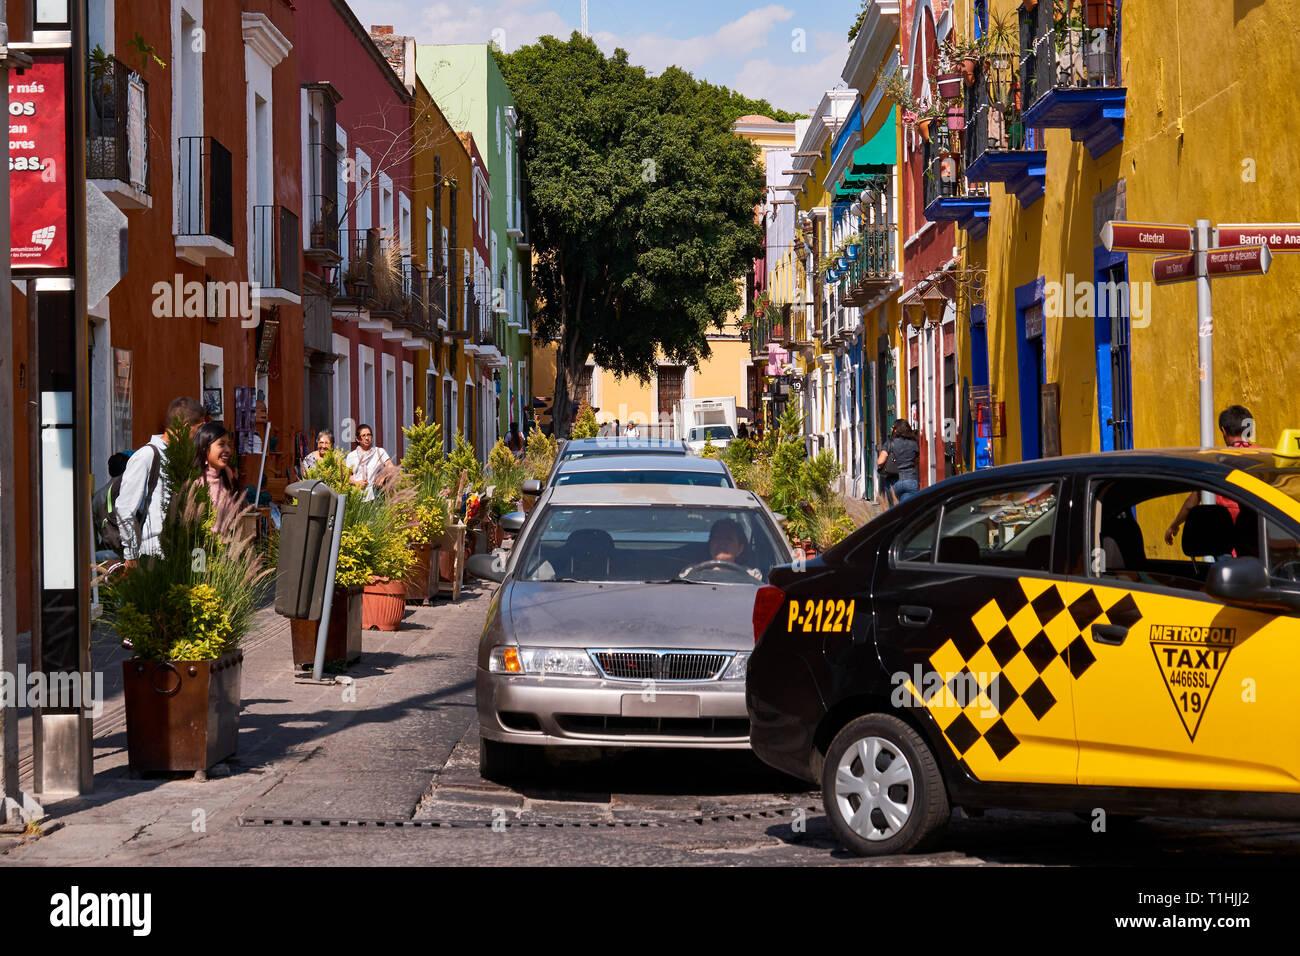 Auto Verkehr in bunten Straße von Gasse der Frösche in der historischen Stadt Puebla, Callejon de Los Sapos, Calle 6 Sur, Puebla de Zaragoza, Mexiko Stockbild